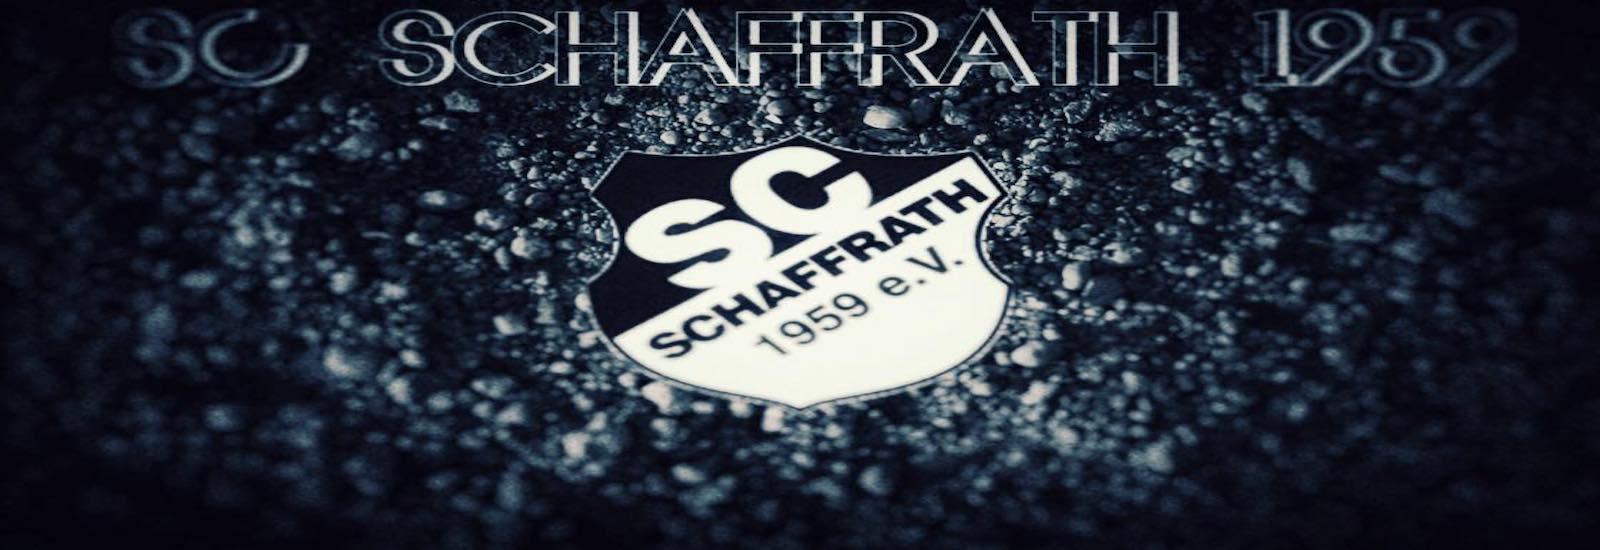 SC Schaffrath 1959 e.V.